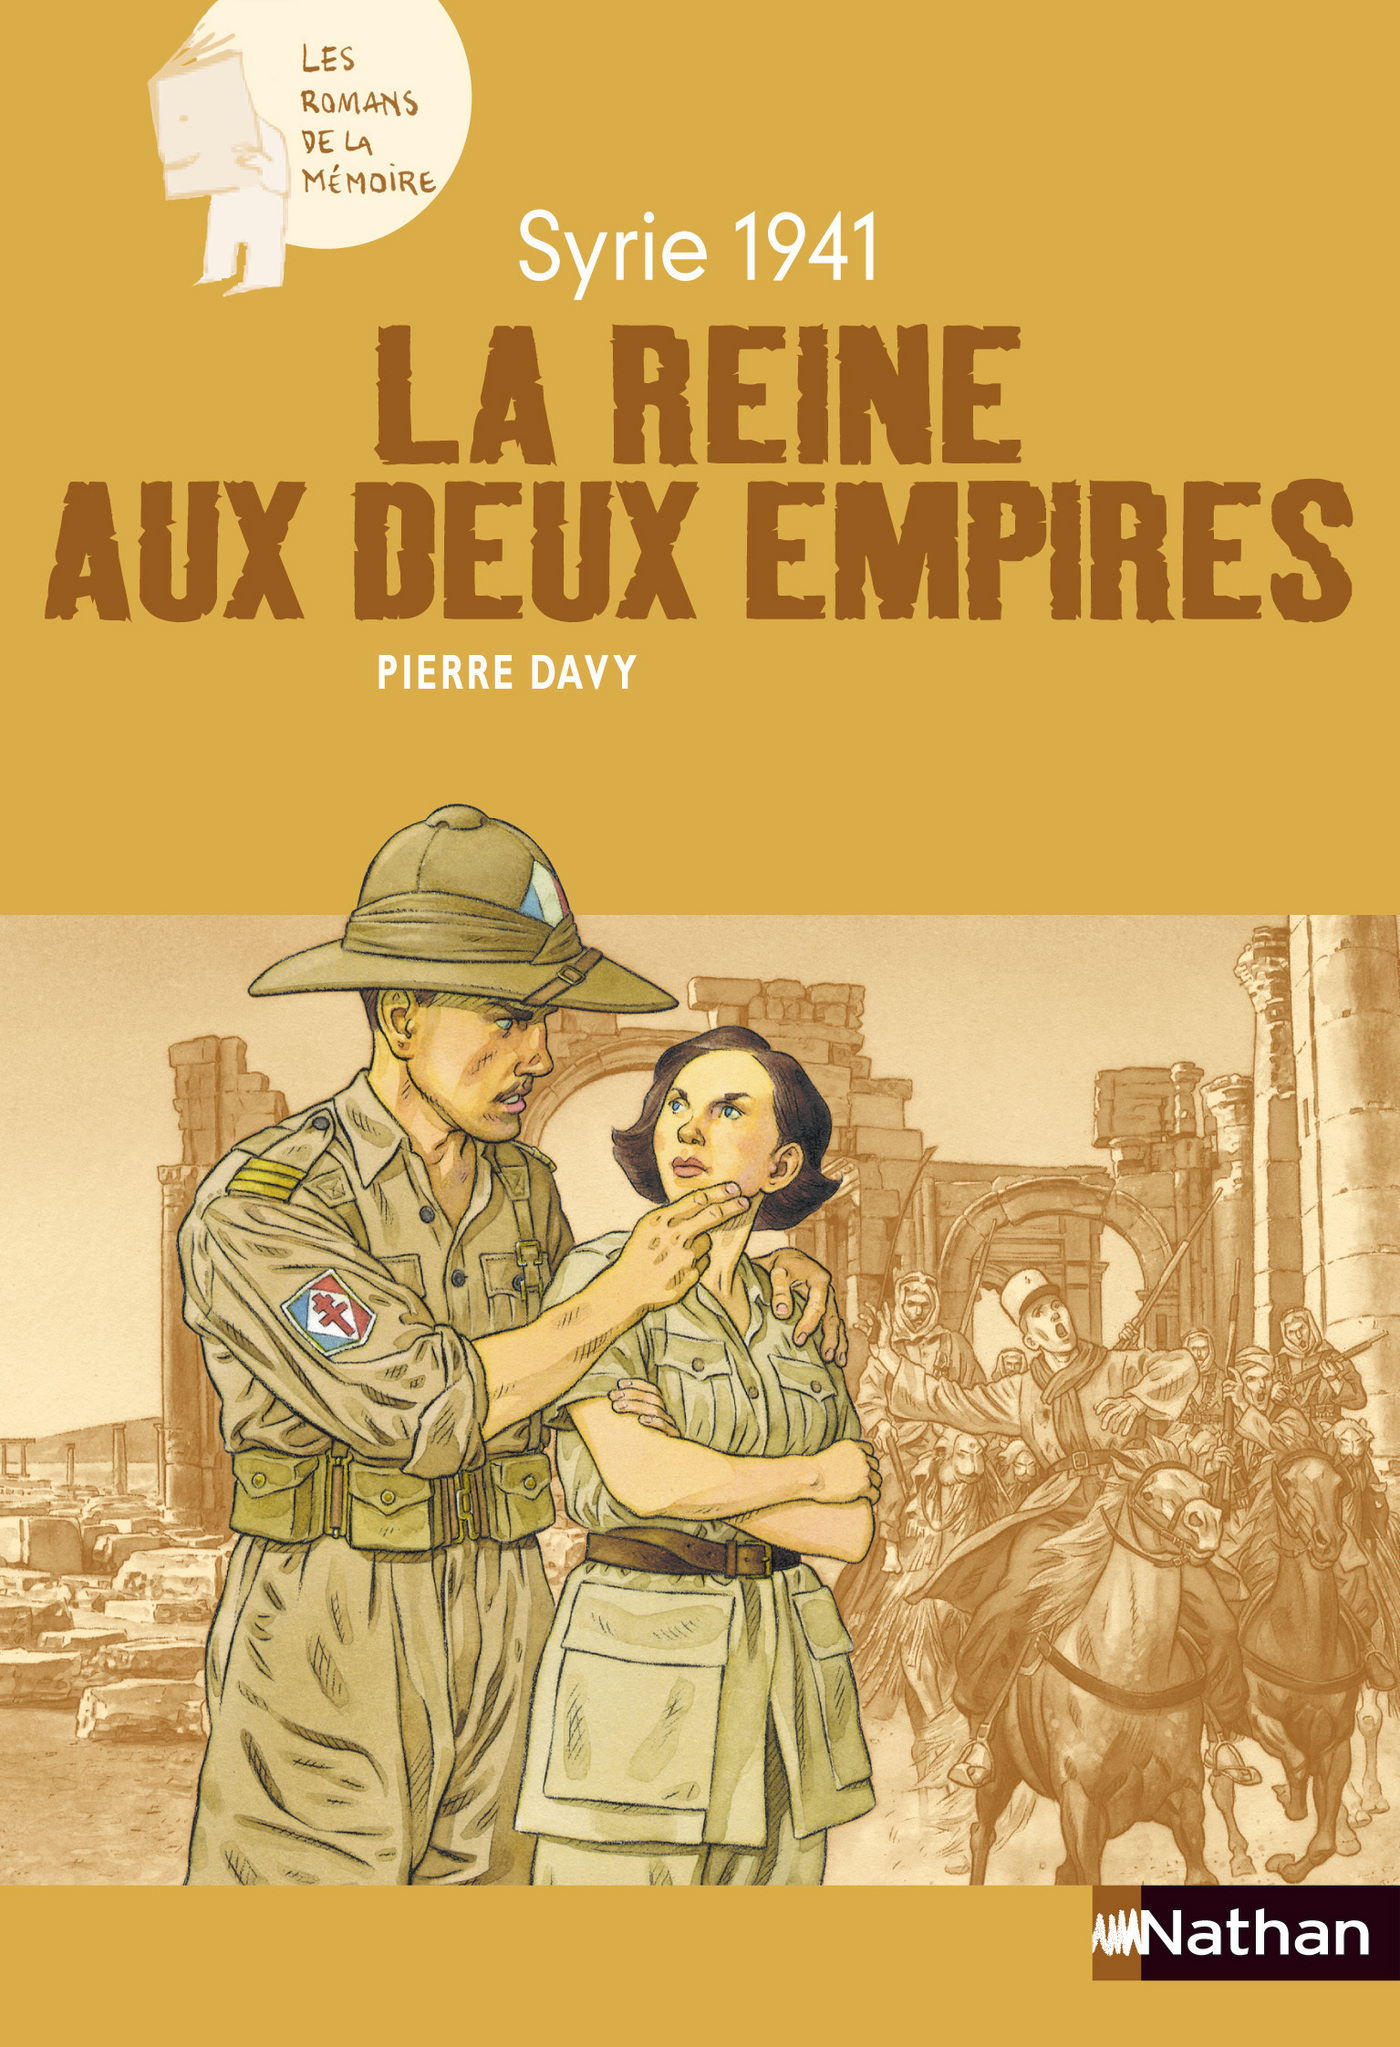 Syrie 1941 : La reine aux deux Empires